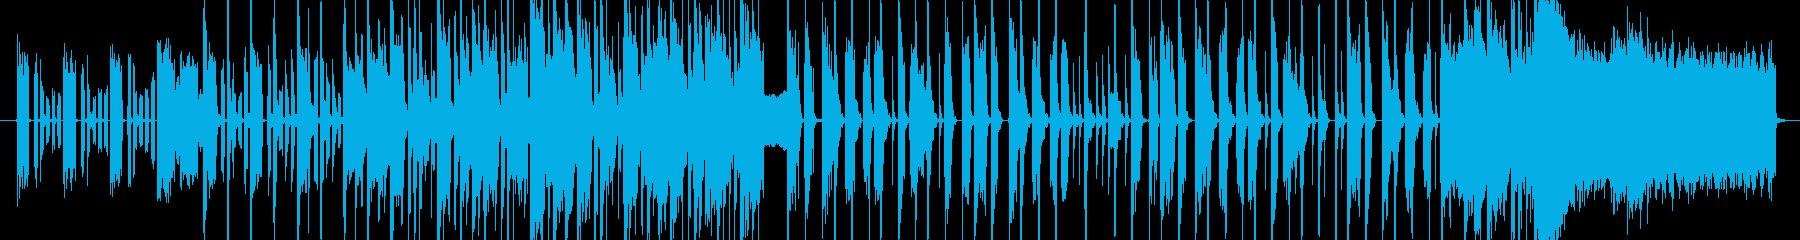 軽快でポップなジングルの再生済みの波形